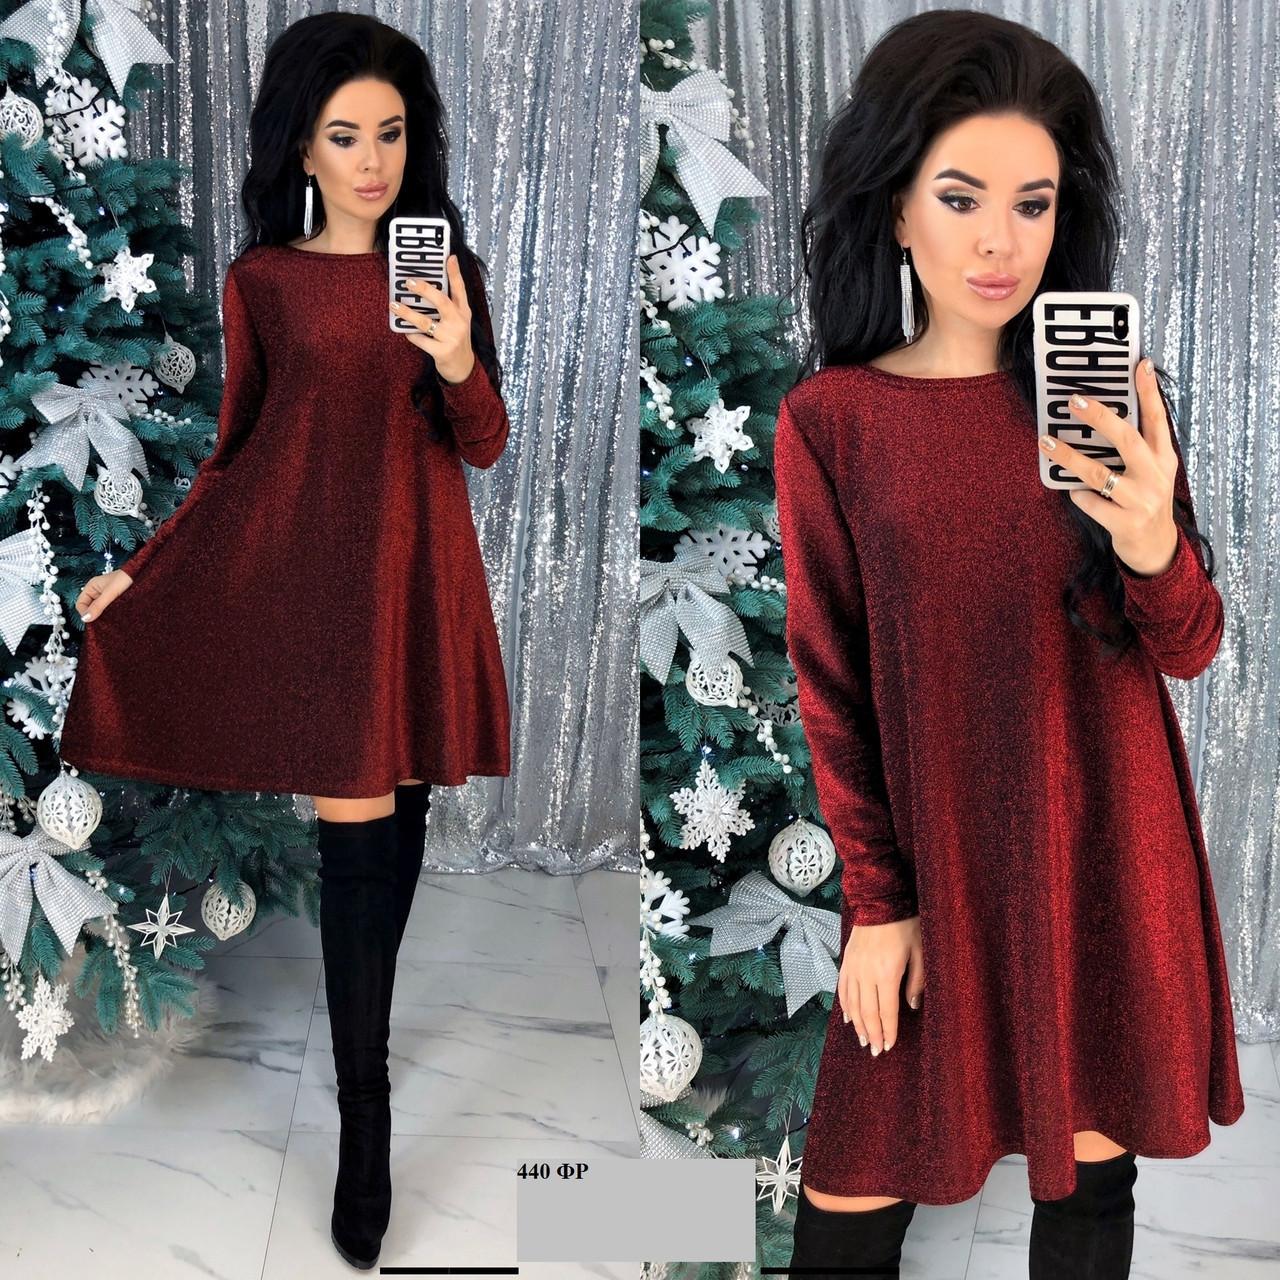 Женское платье из люрекса 440 ФР